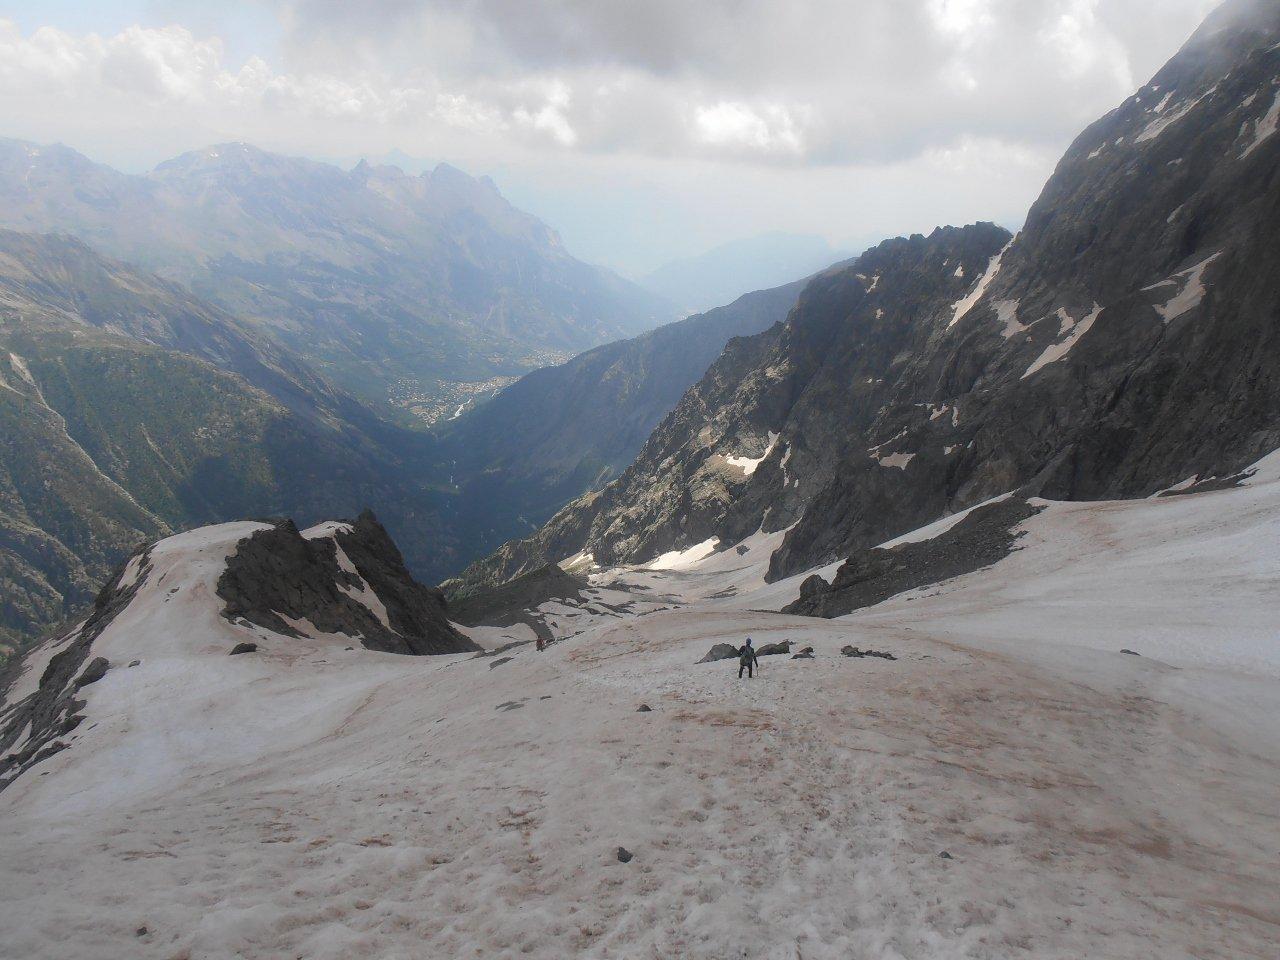 09 - parte alta del Nevaio Pellissier, verso la quarta calata